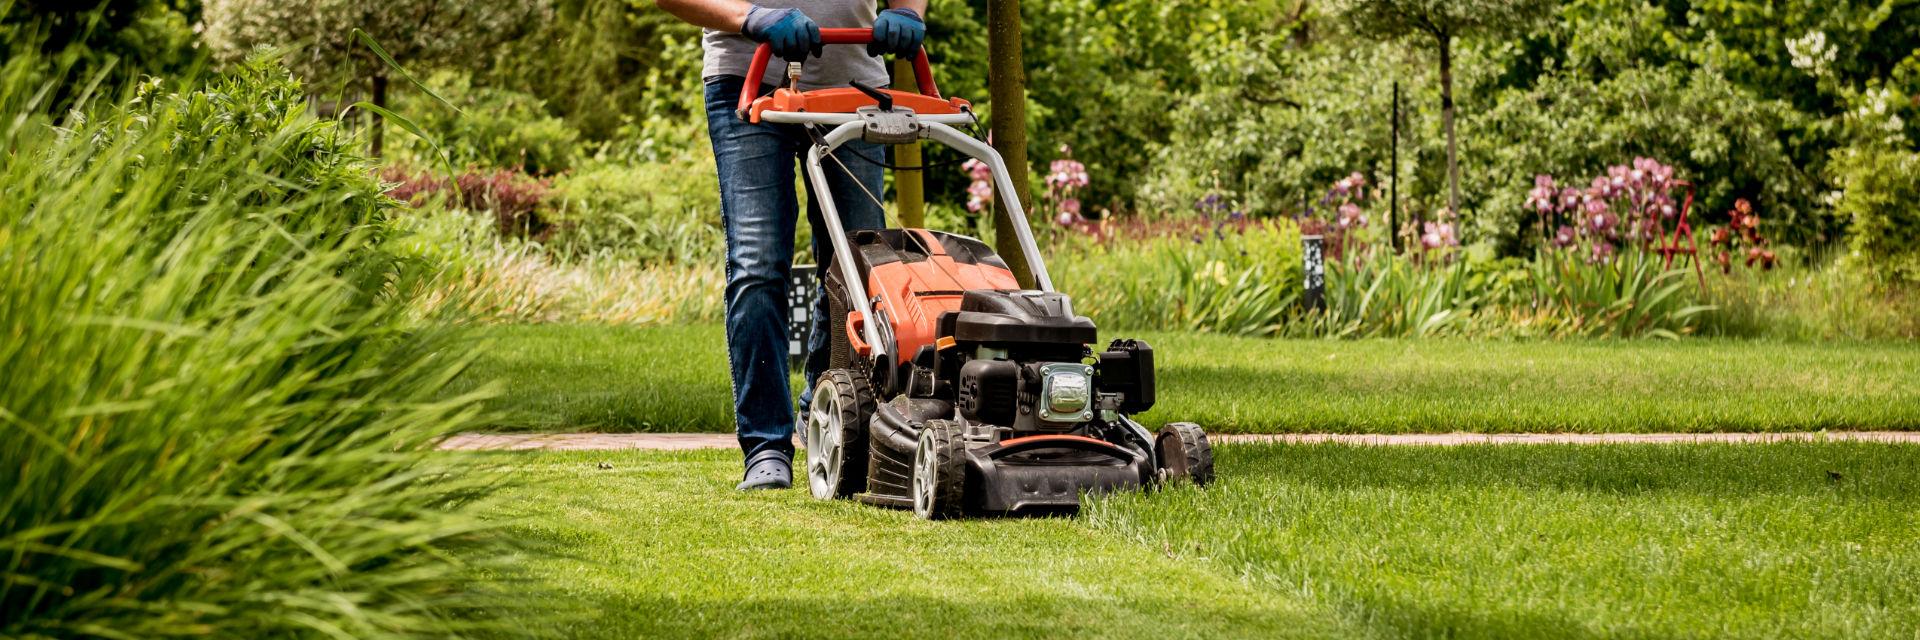 A landscaper mowing a lawn